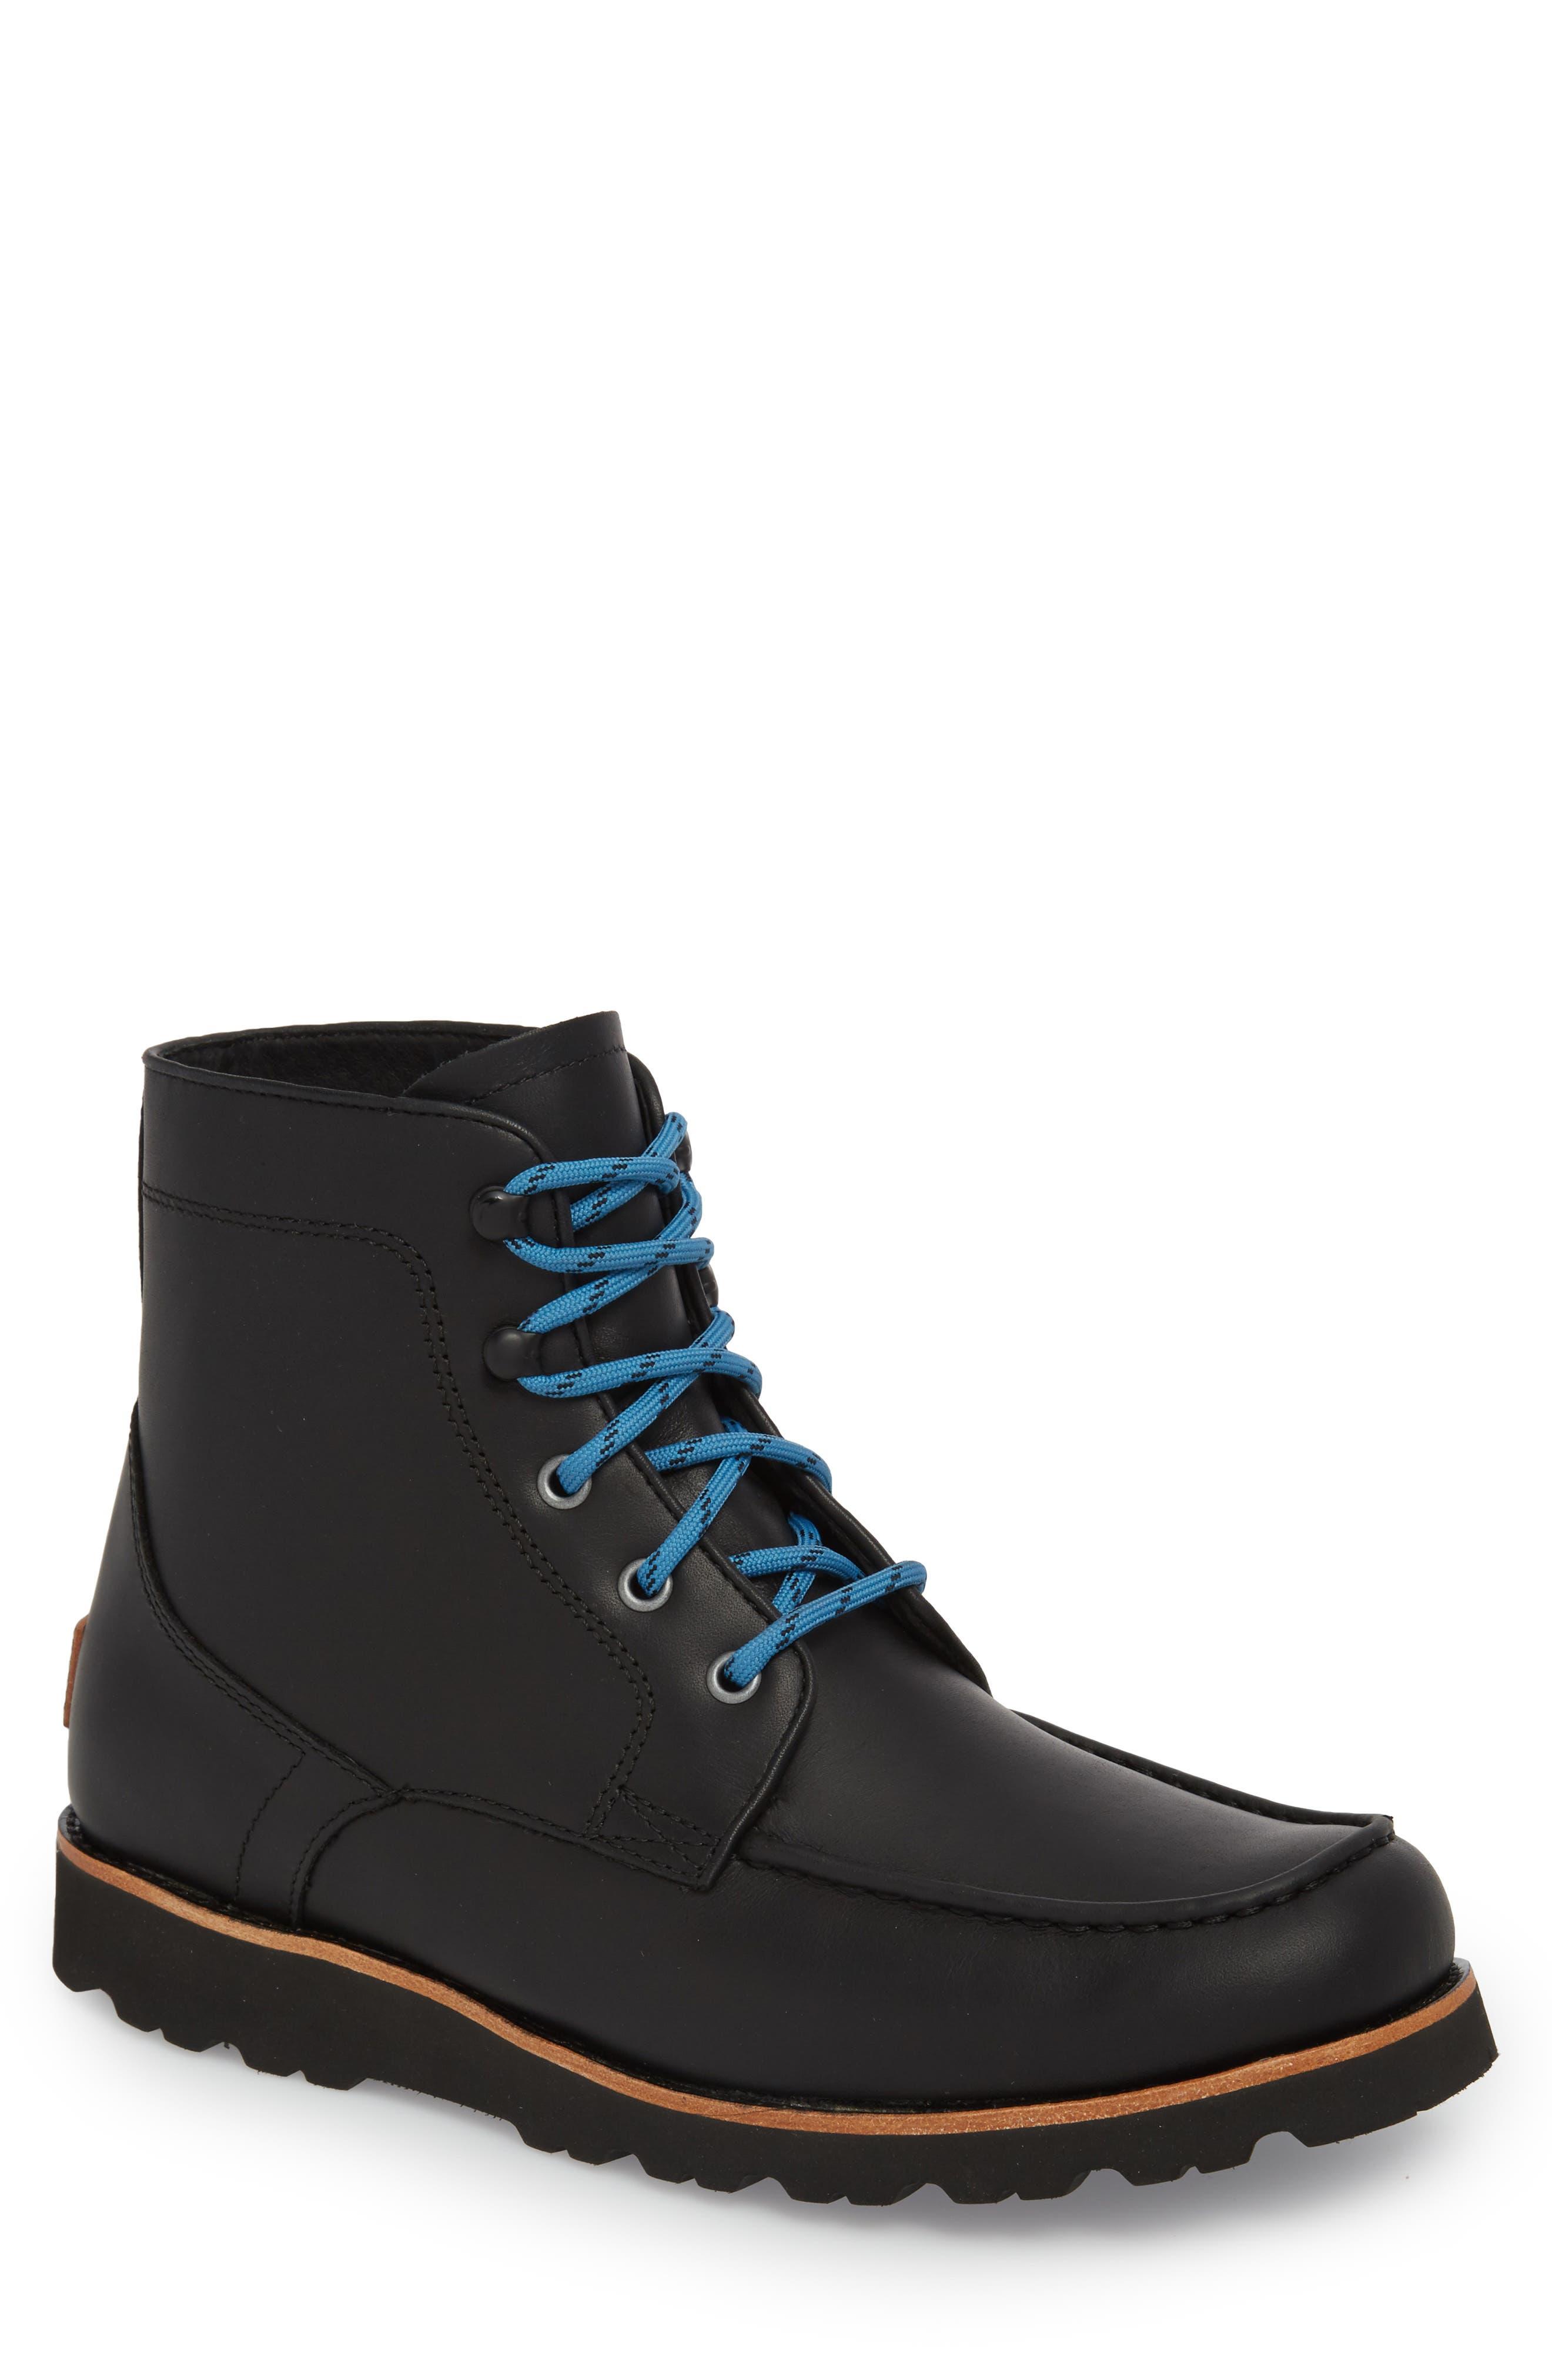 Agnar Moc Toe Boot,                         Main,                         color, 001